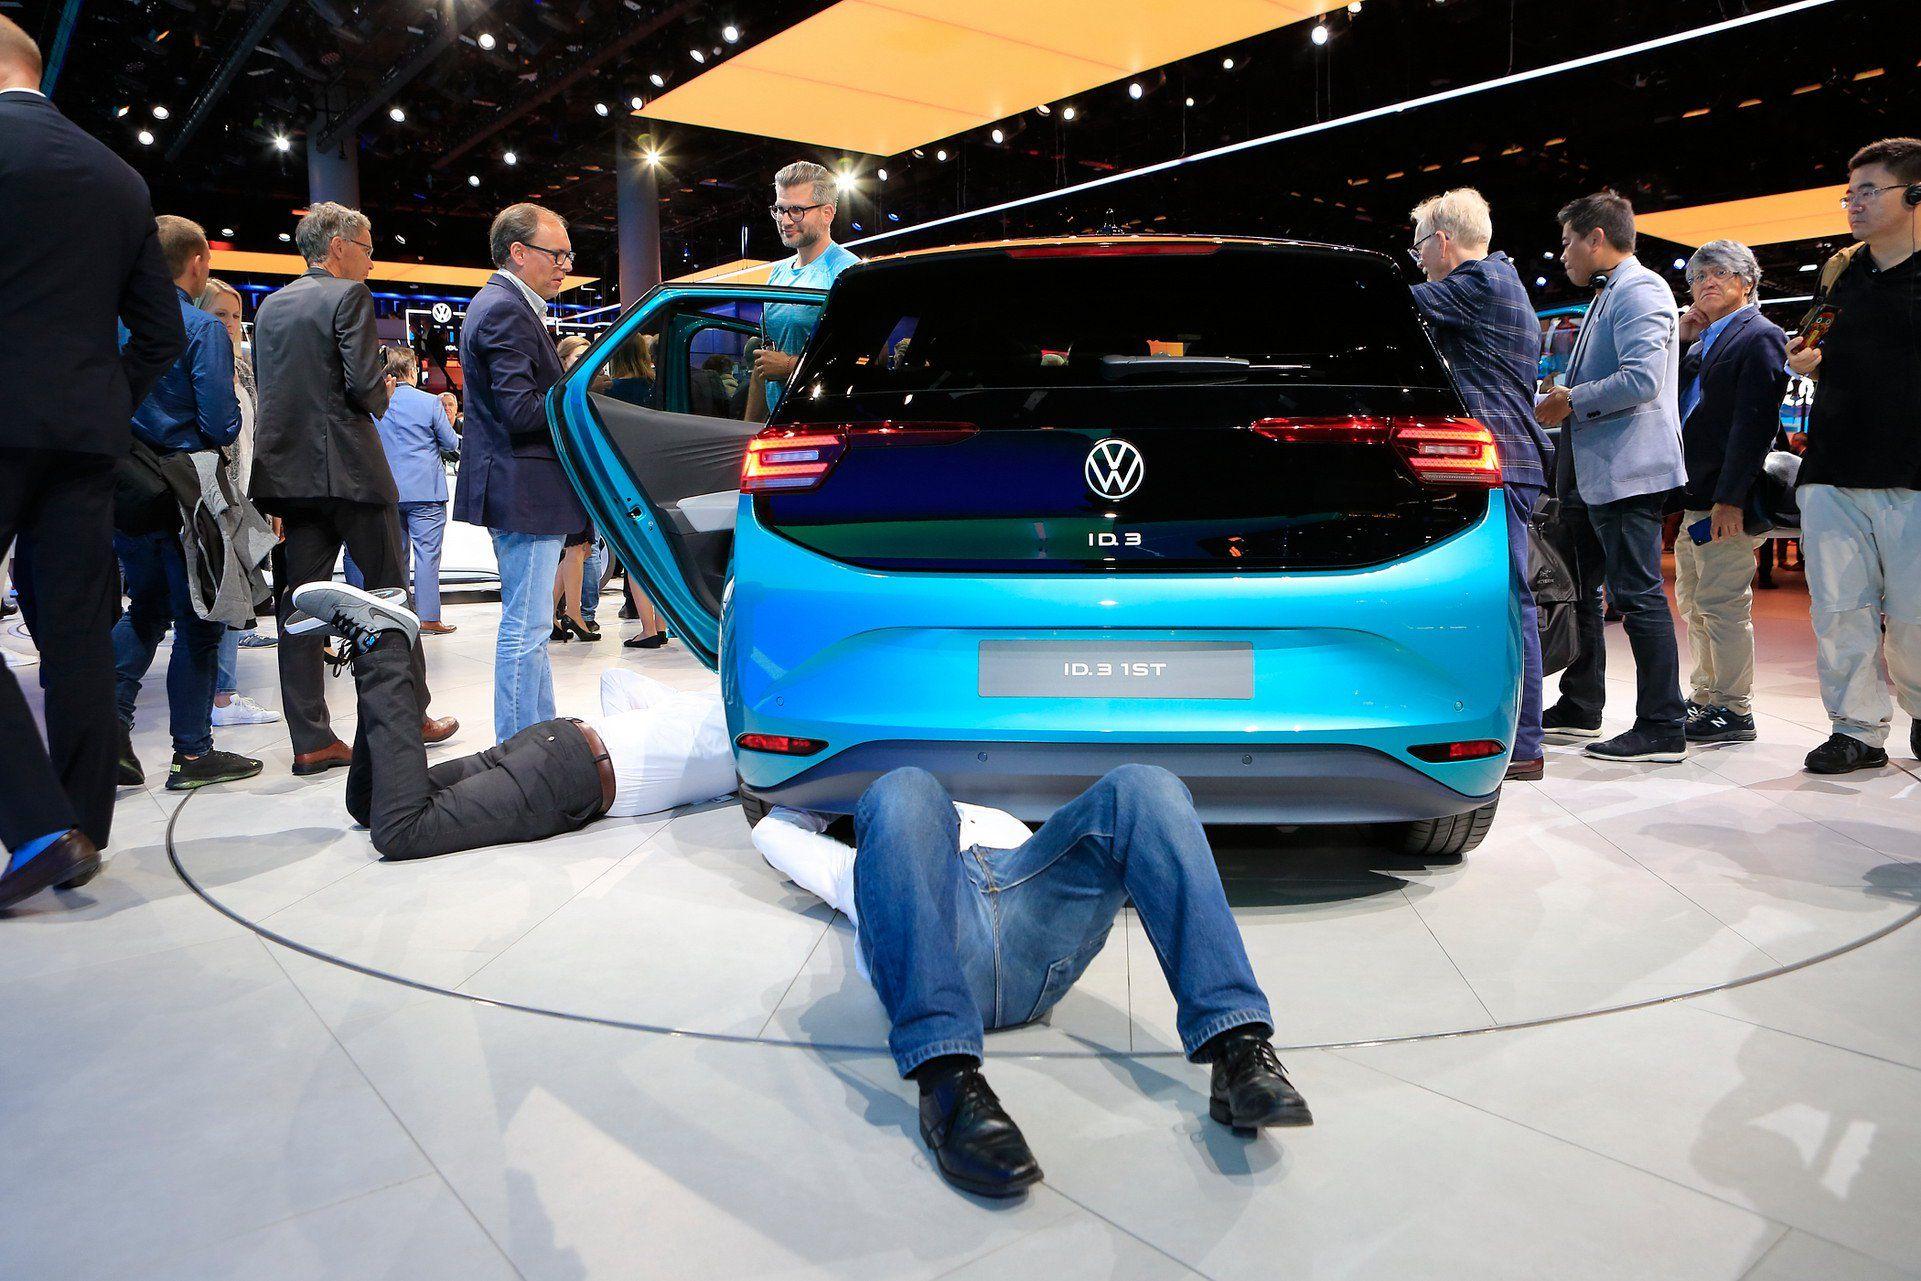 Електрокар, який змінює все: Volkswagen ID.3 презентований у Франкфурті